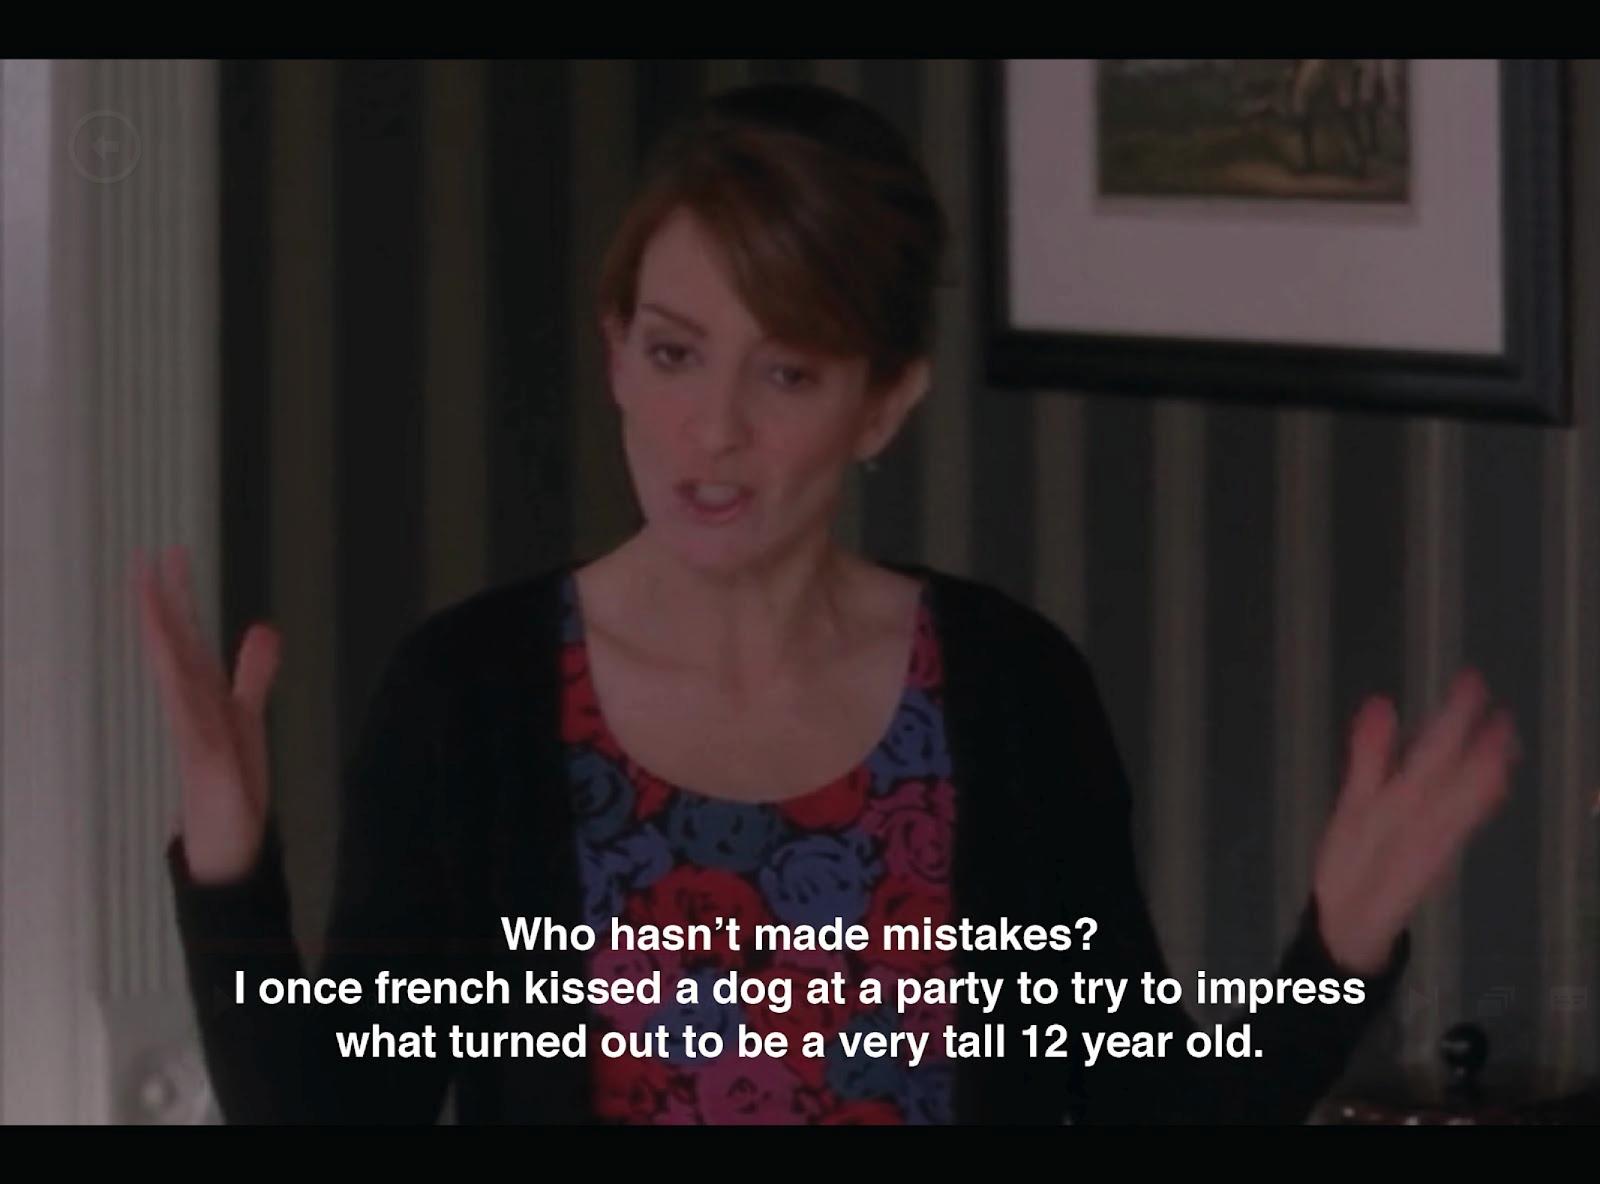 Liz Lemon's mistake